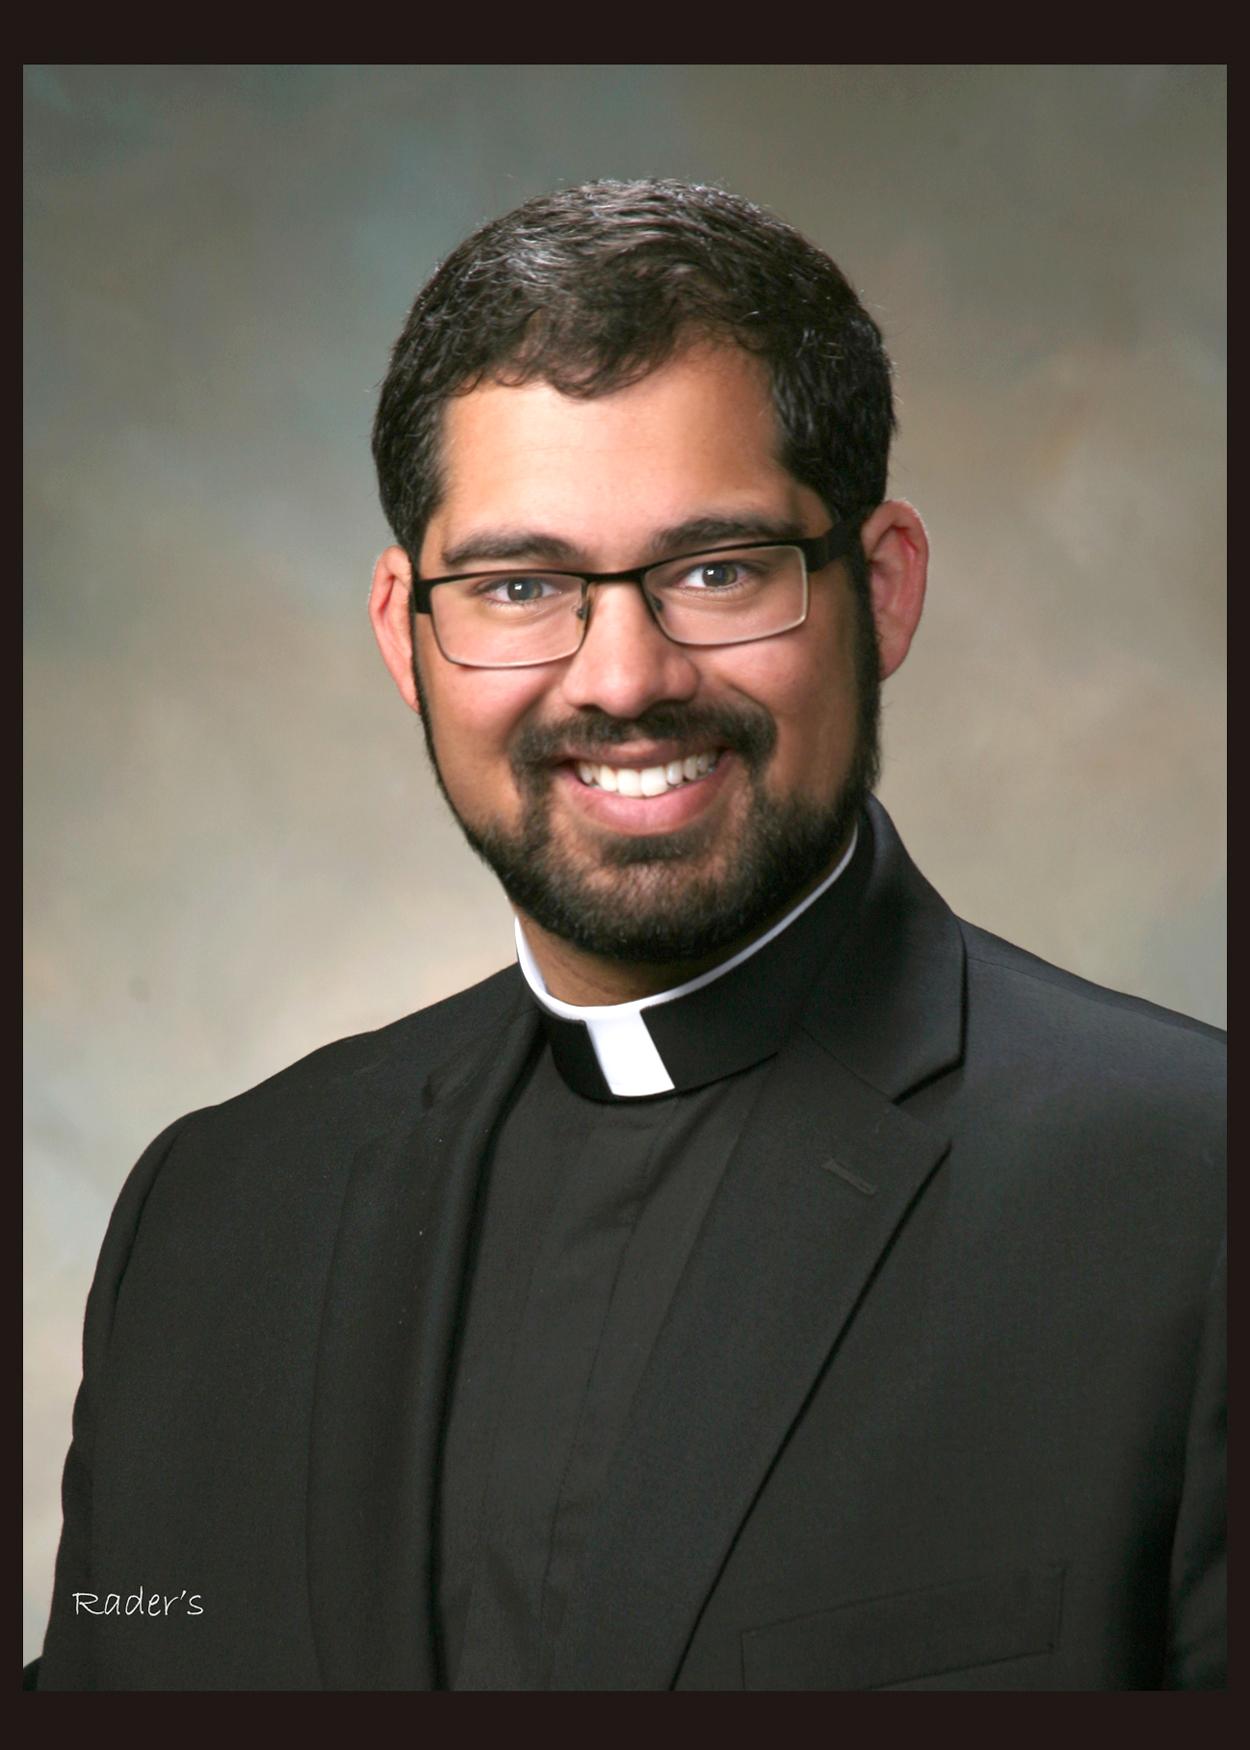 Fr. Nicholas Mishek